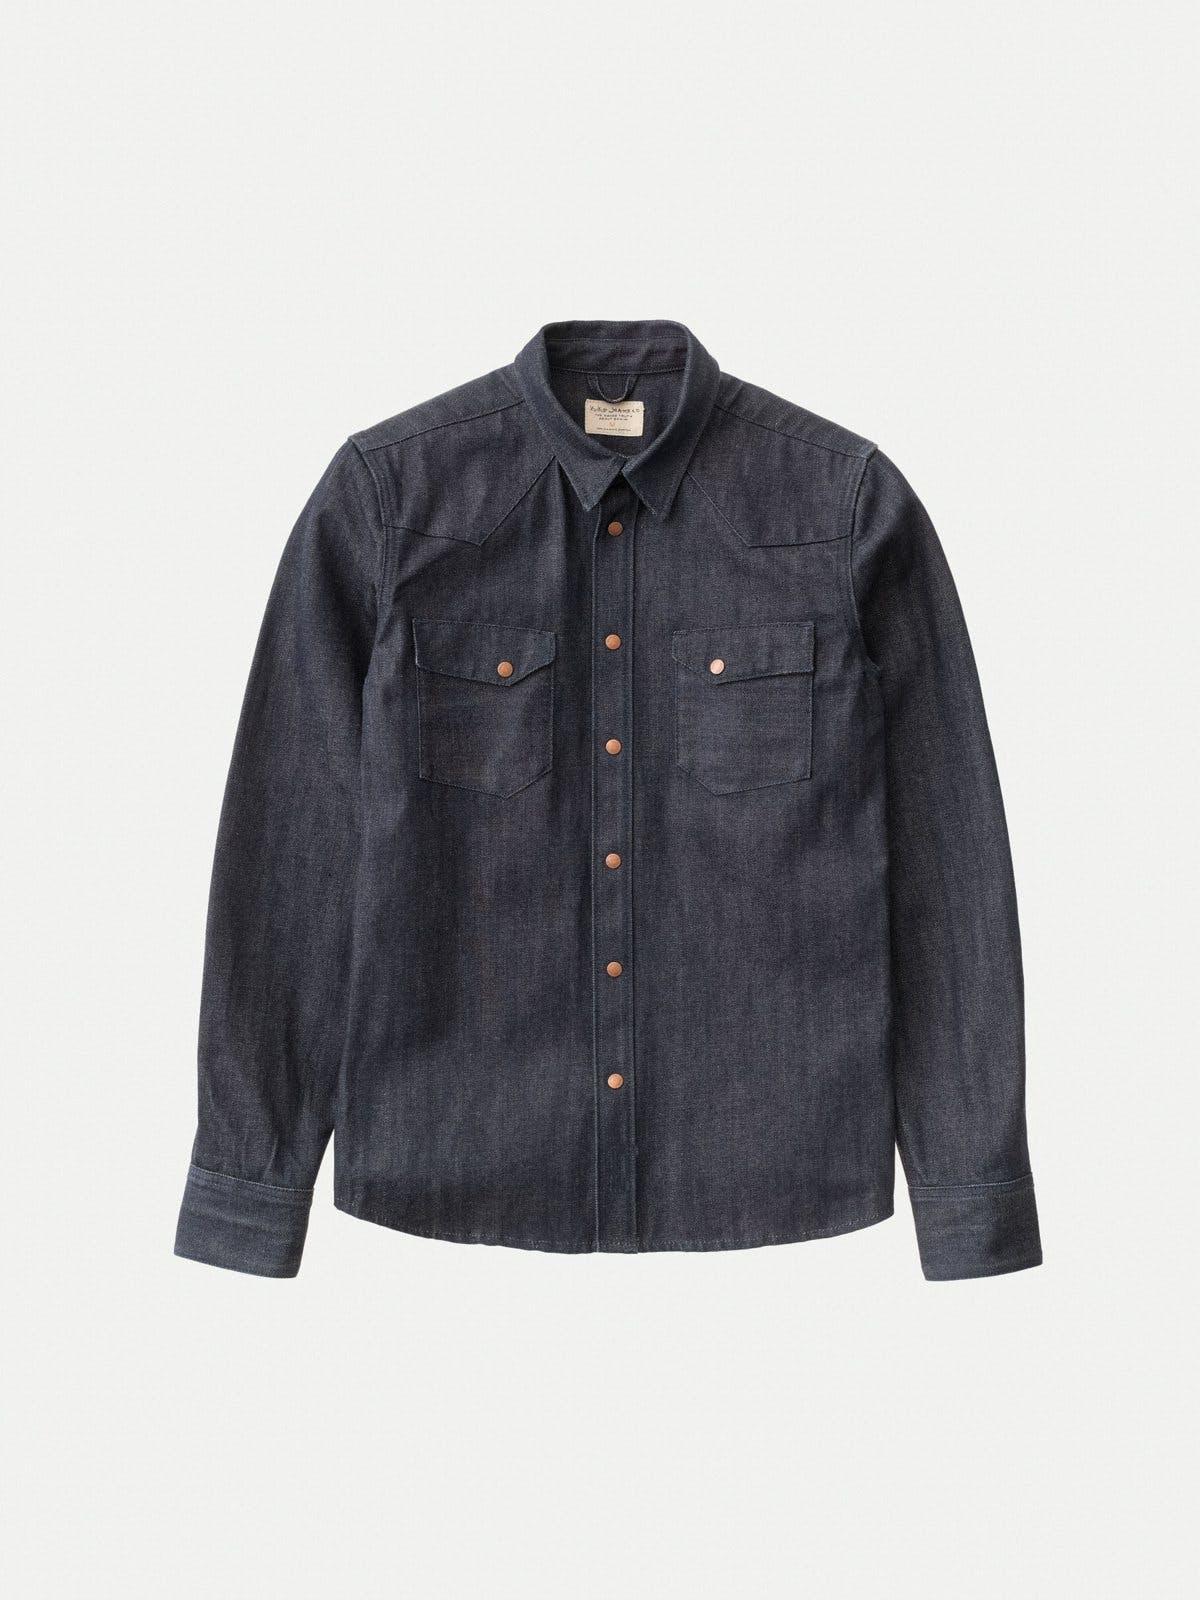 Jonis Shirt